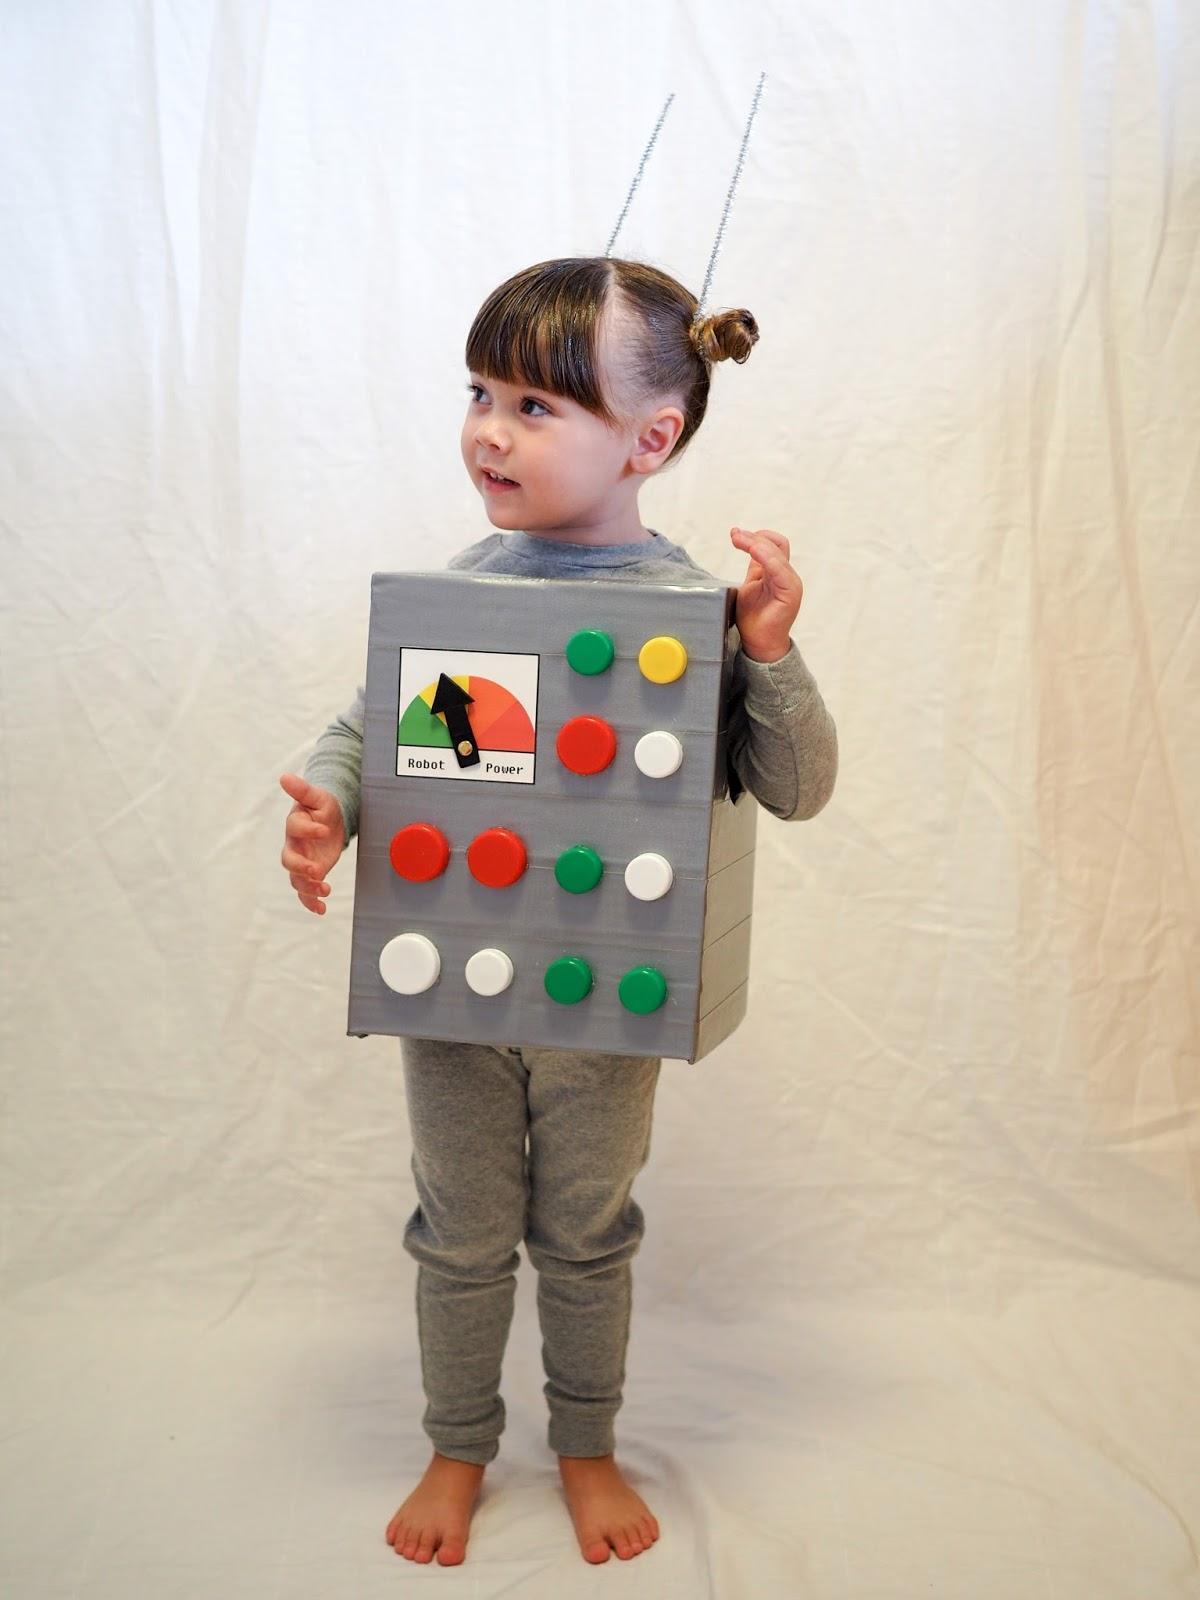 Costume Halloween Robot.Little Hiccups Last Minute Halloween Diy Robot Costume